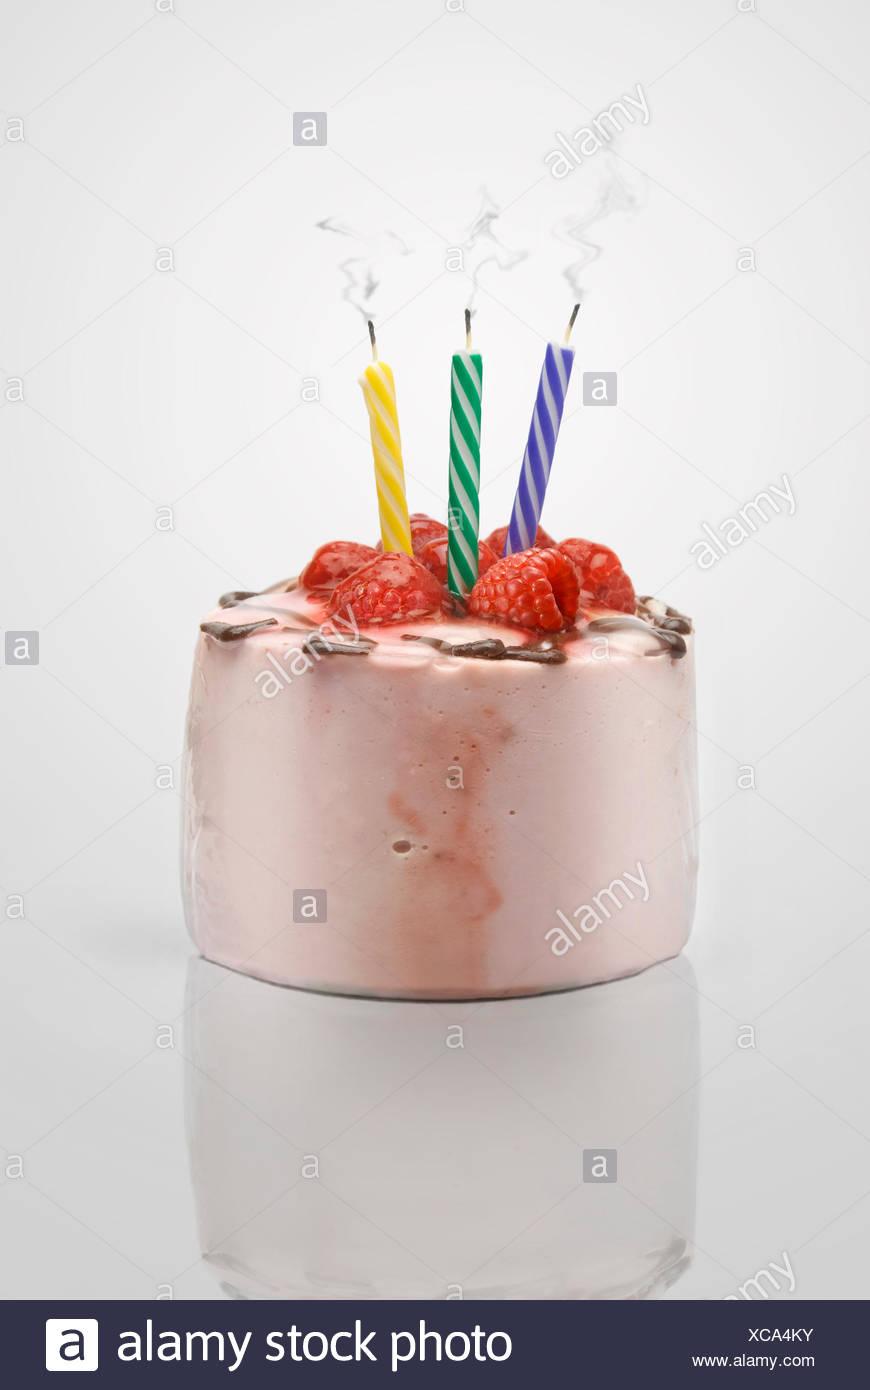 Kerze Kuchen Kuchen Geburtstag Rauch Essen Nahrungsmittel Isoliert